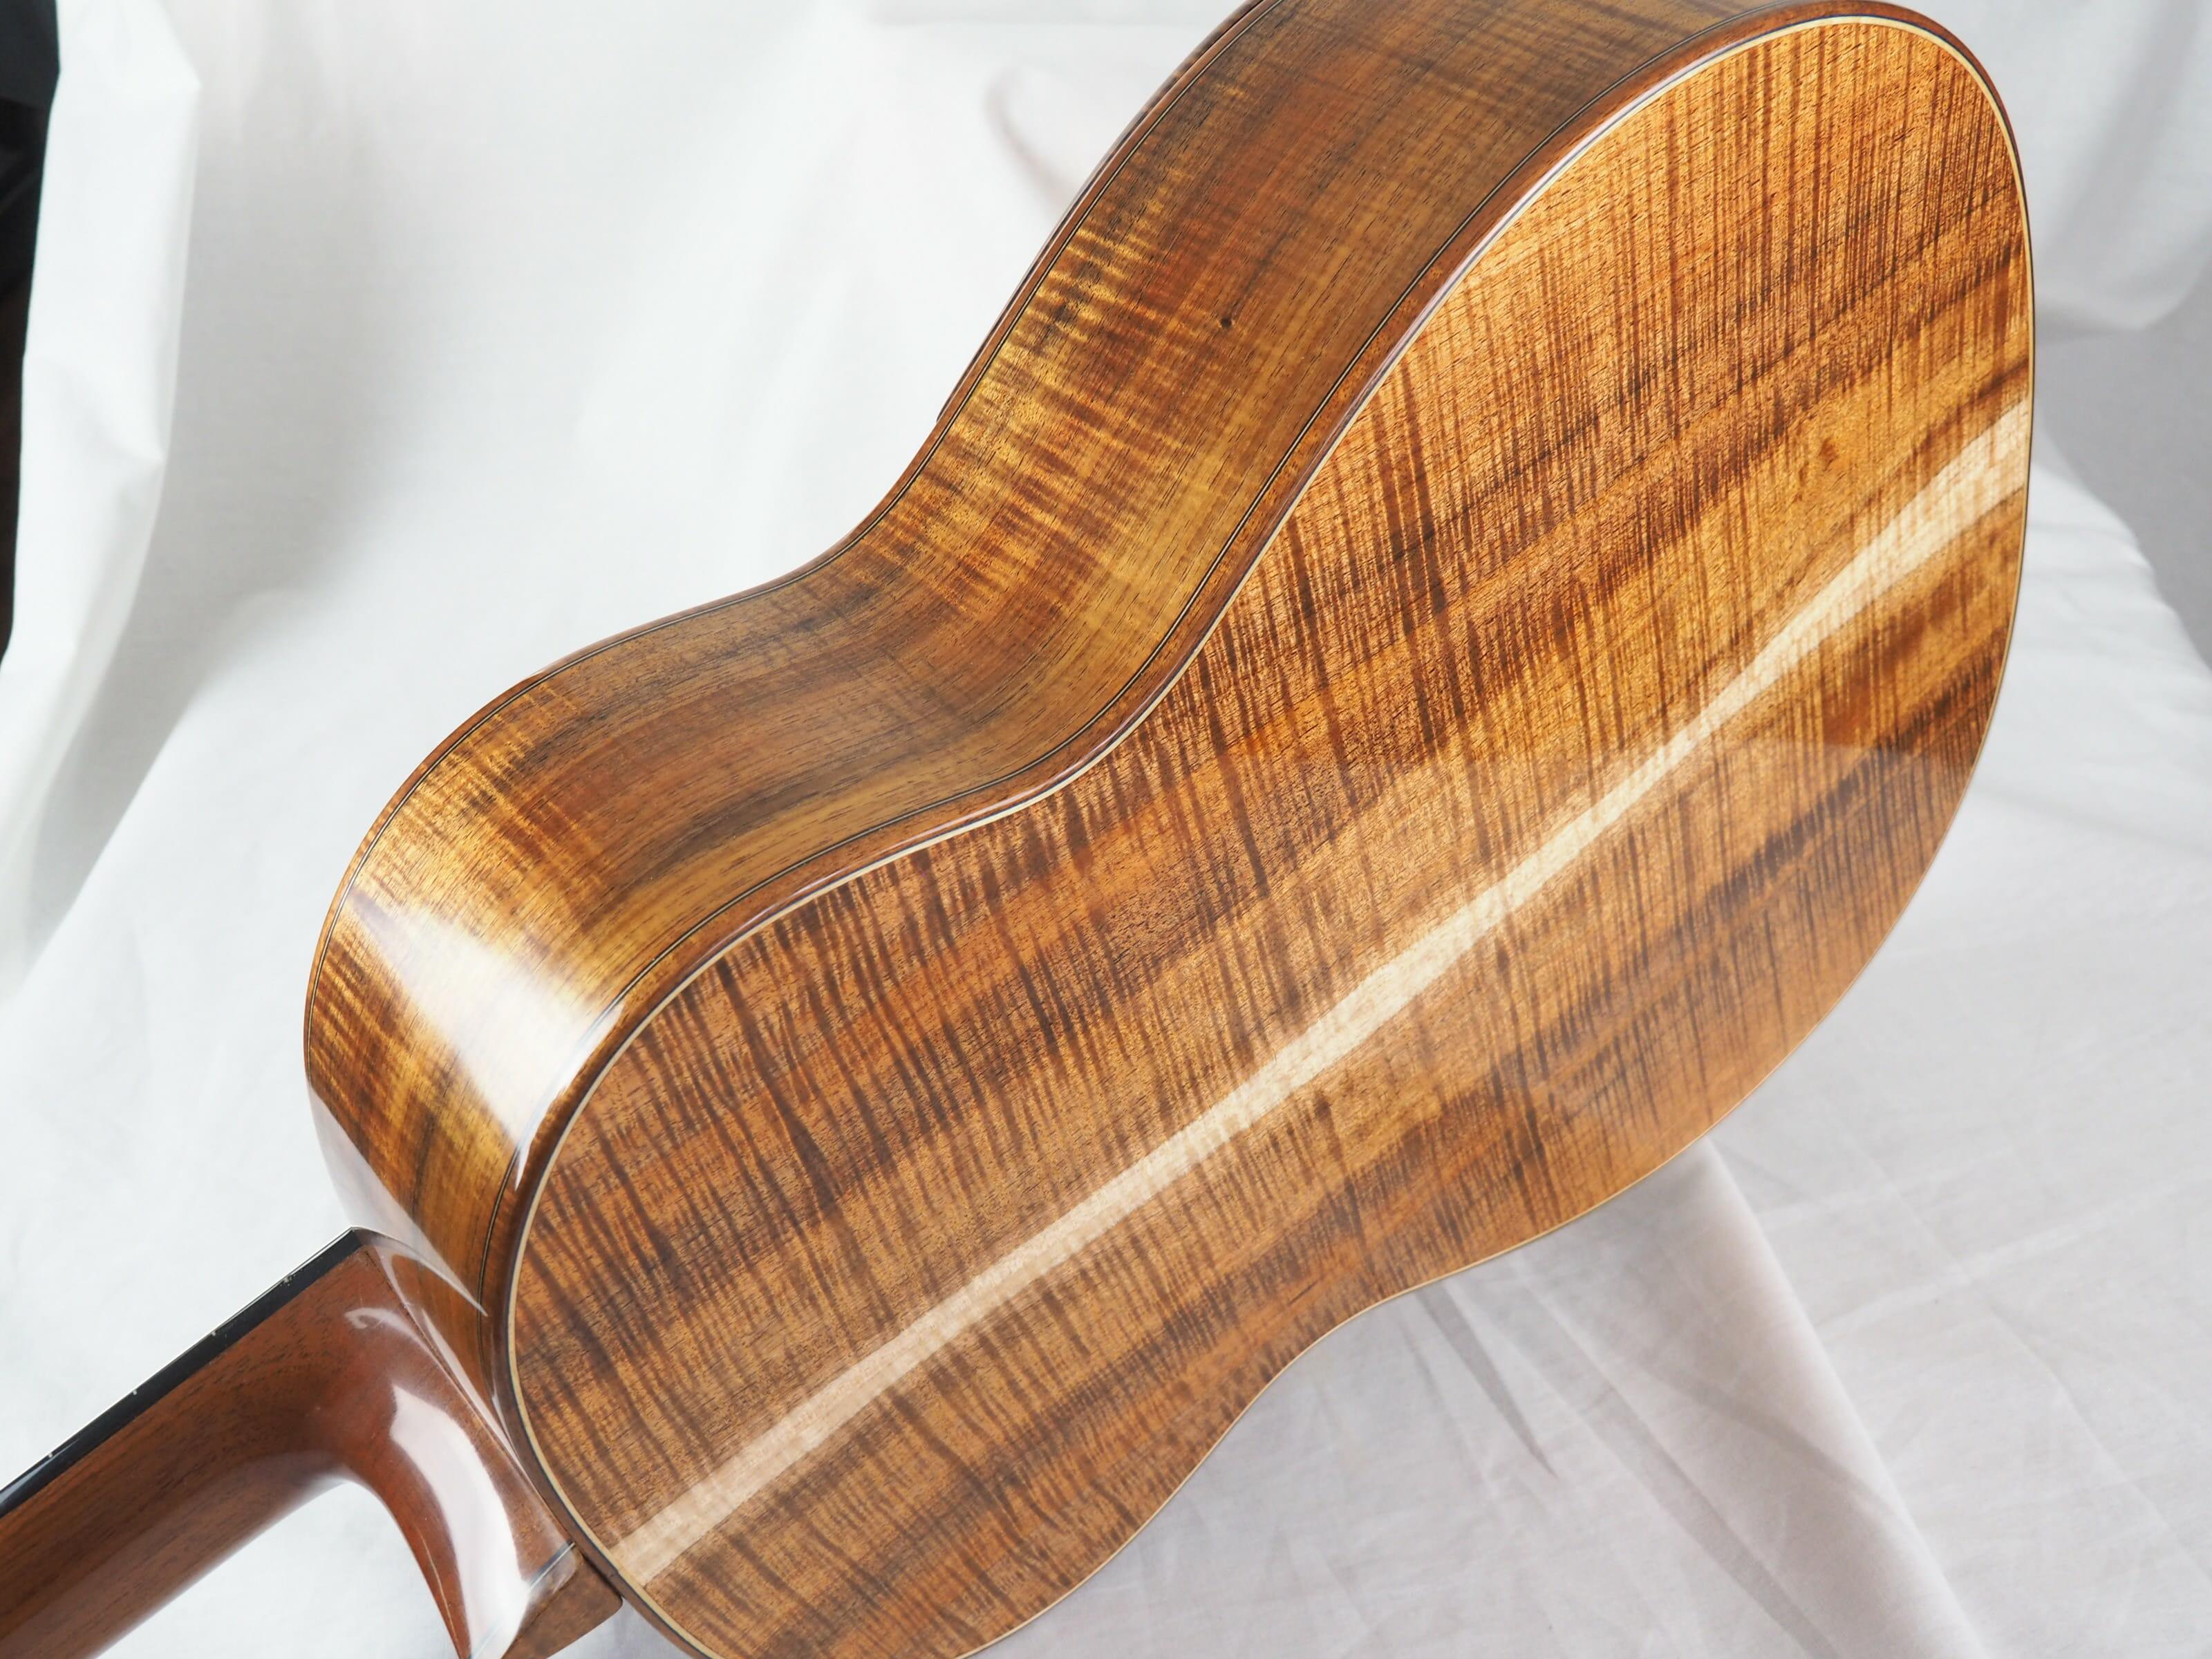 Graham Caldersmith luthier guitare classique No 19CAL113-01